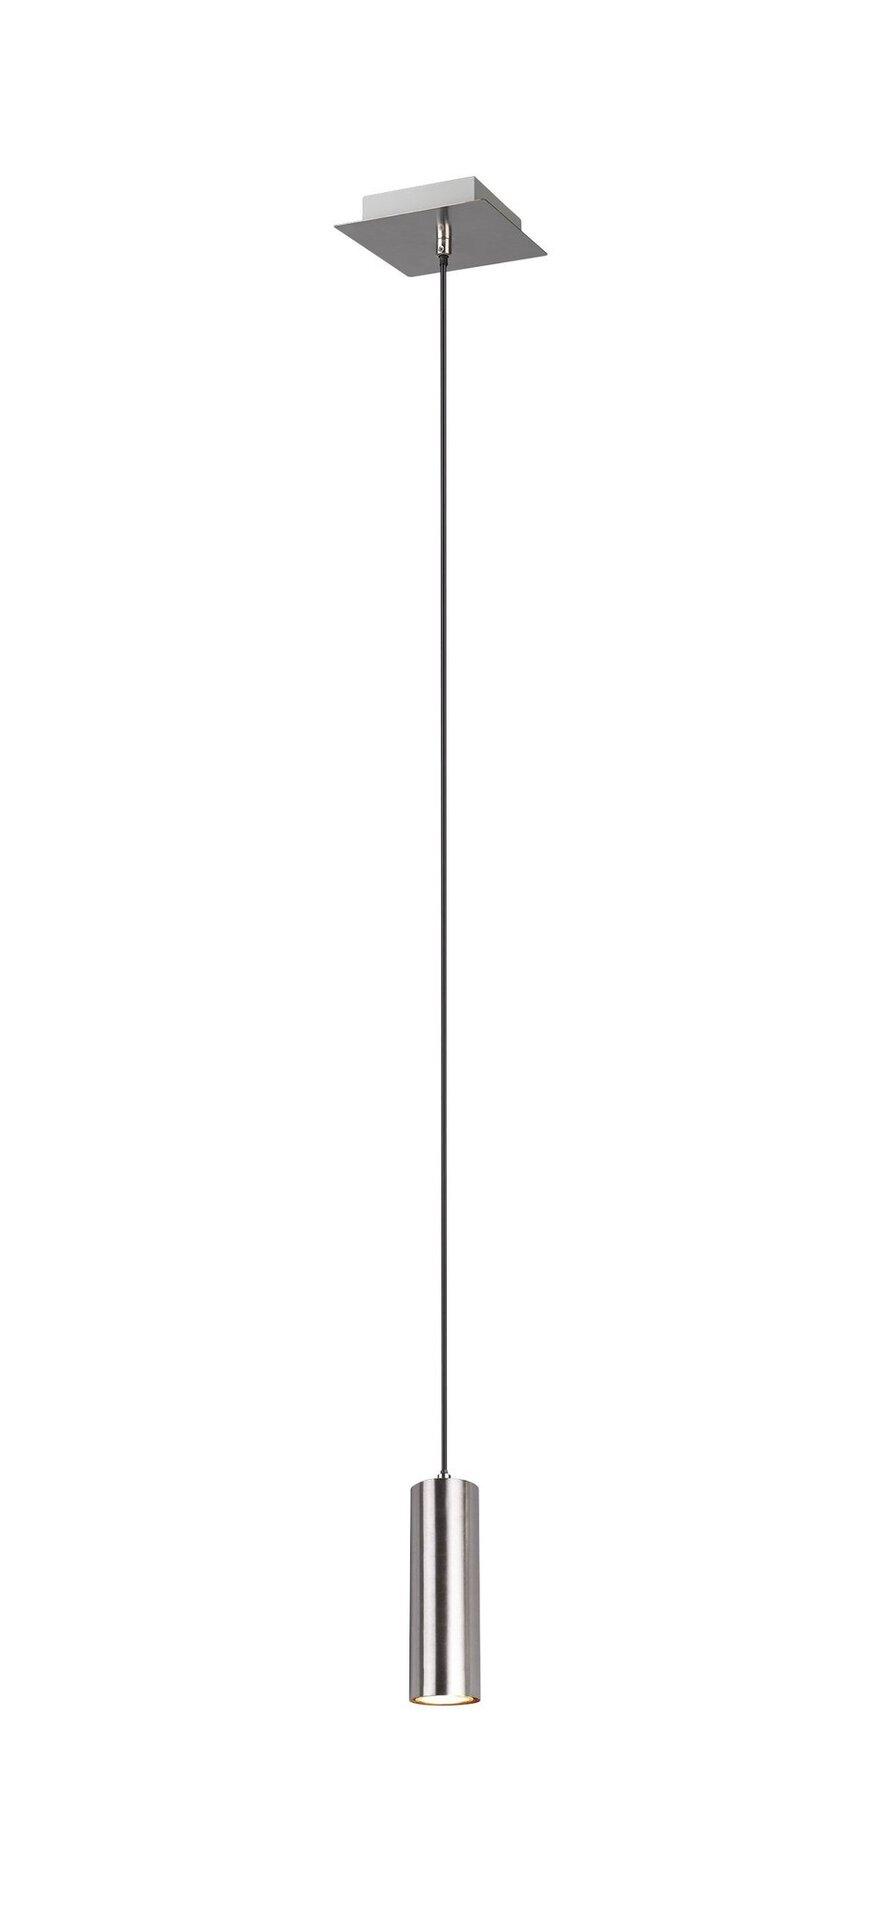 Pendelleuchte Marley Trio Leuchten Metall silber 150 x 12 cm